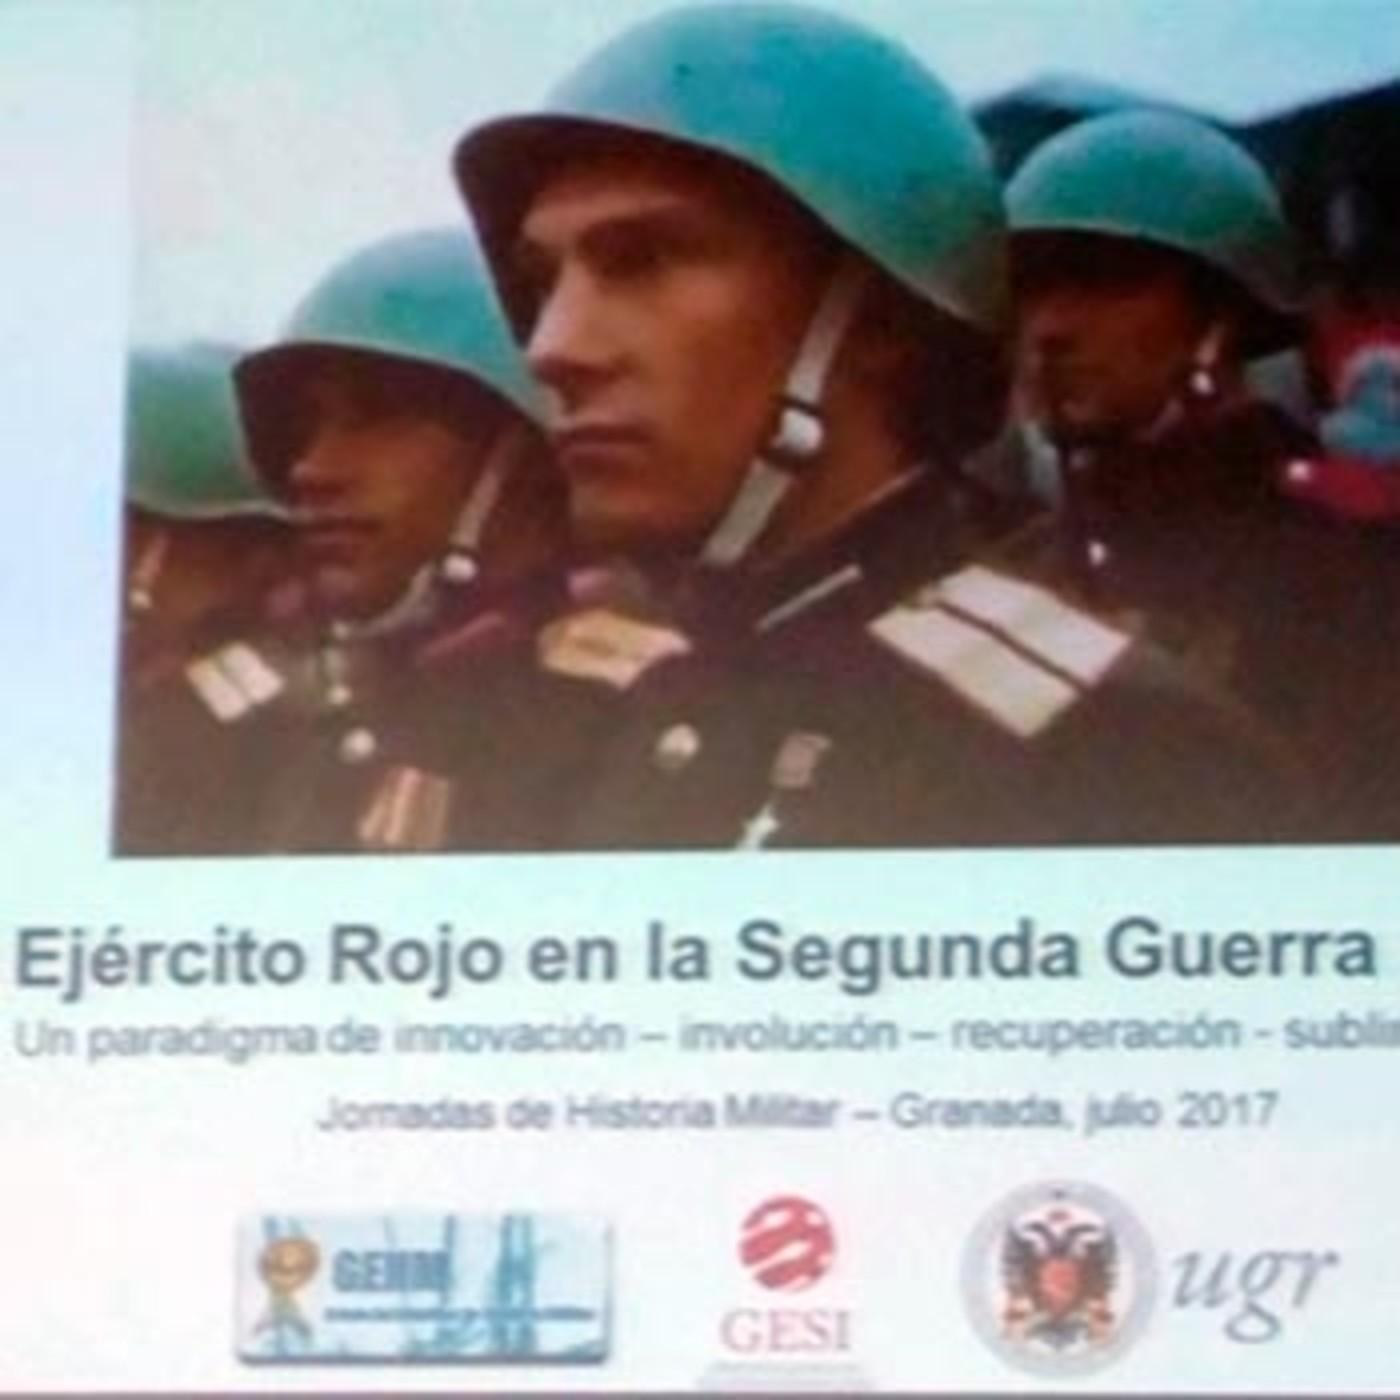 H files 29 - Conferencia El Ejército Rojo en la IIGM, un paradigma de innovación-involución-recuperación-sublimación